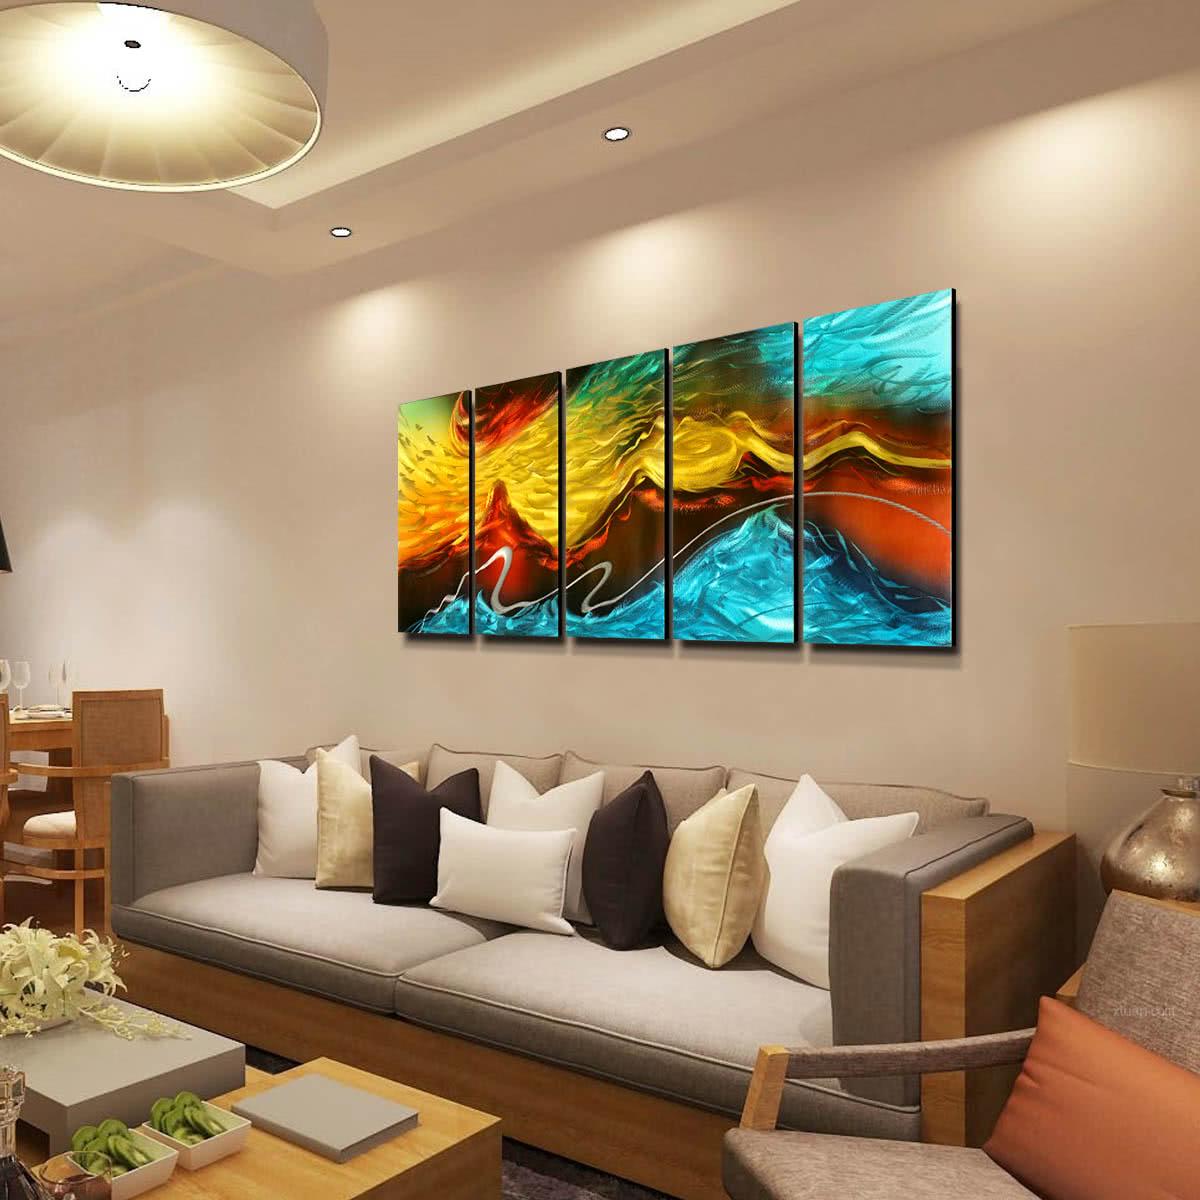 بالصور تزيين المنزل , اجمل زينه للمنزل 5257 6